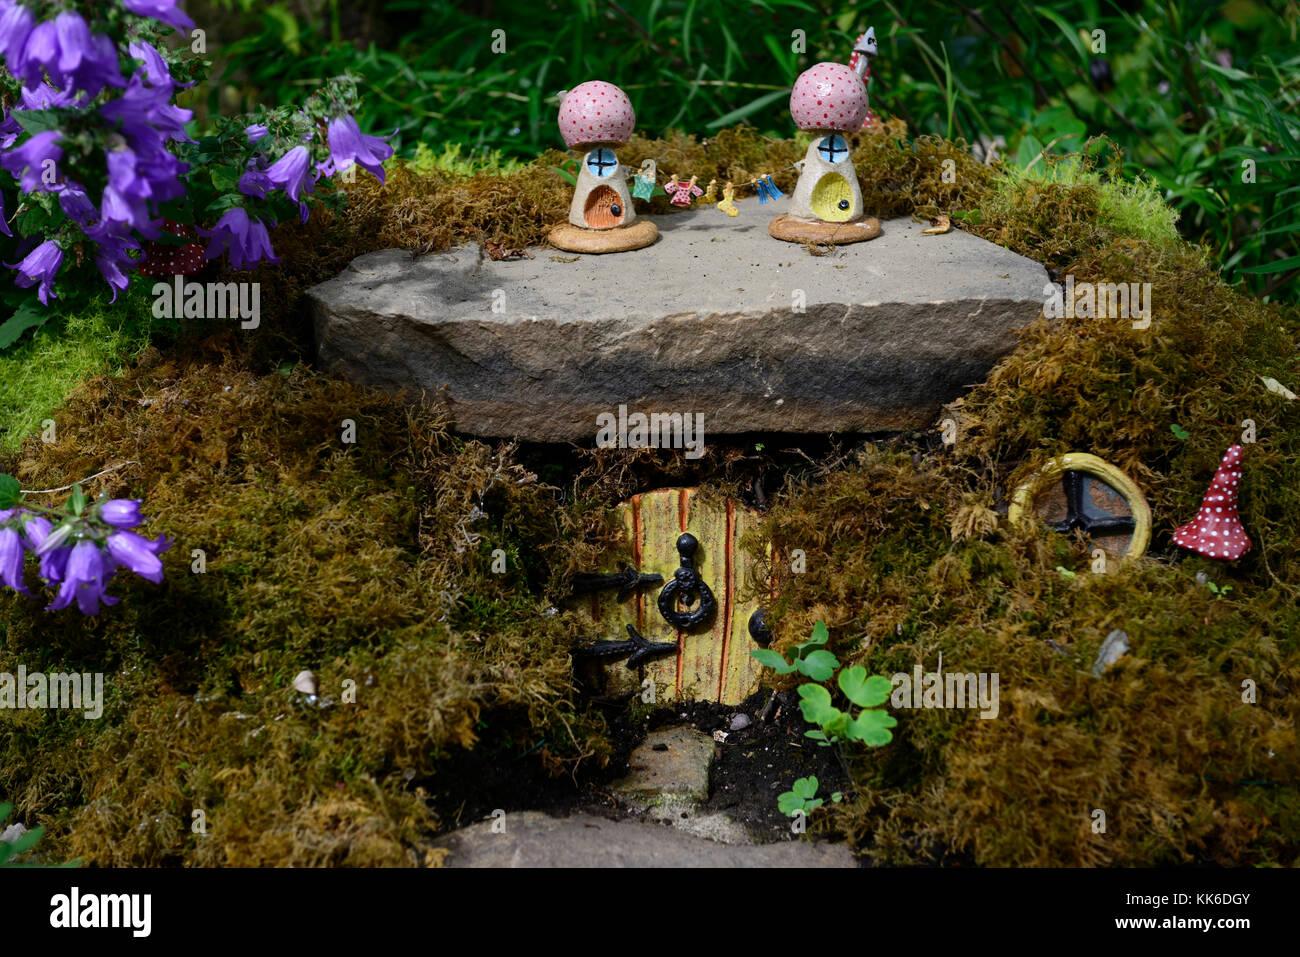 Fairy Garden Stock Photos & Fairy Garden Stock Images - Alamy